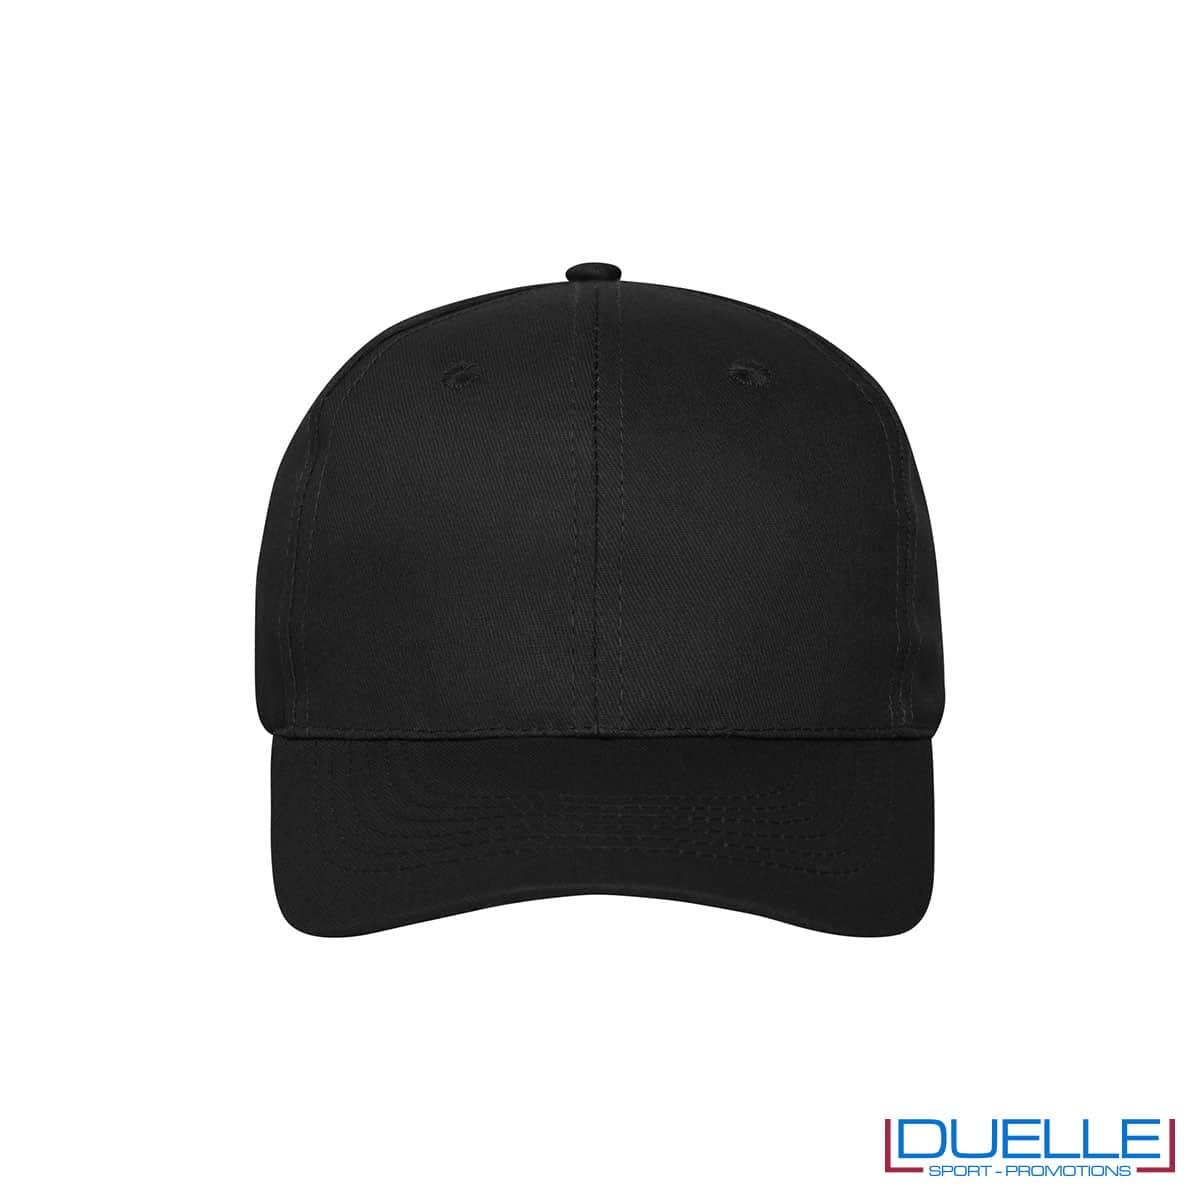 Cappellino cotone organico 6 pannelli colore nero